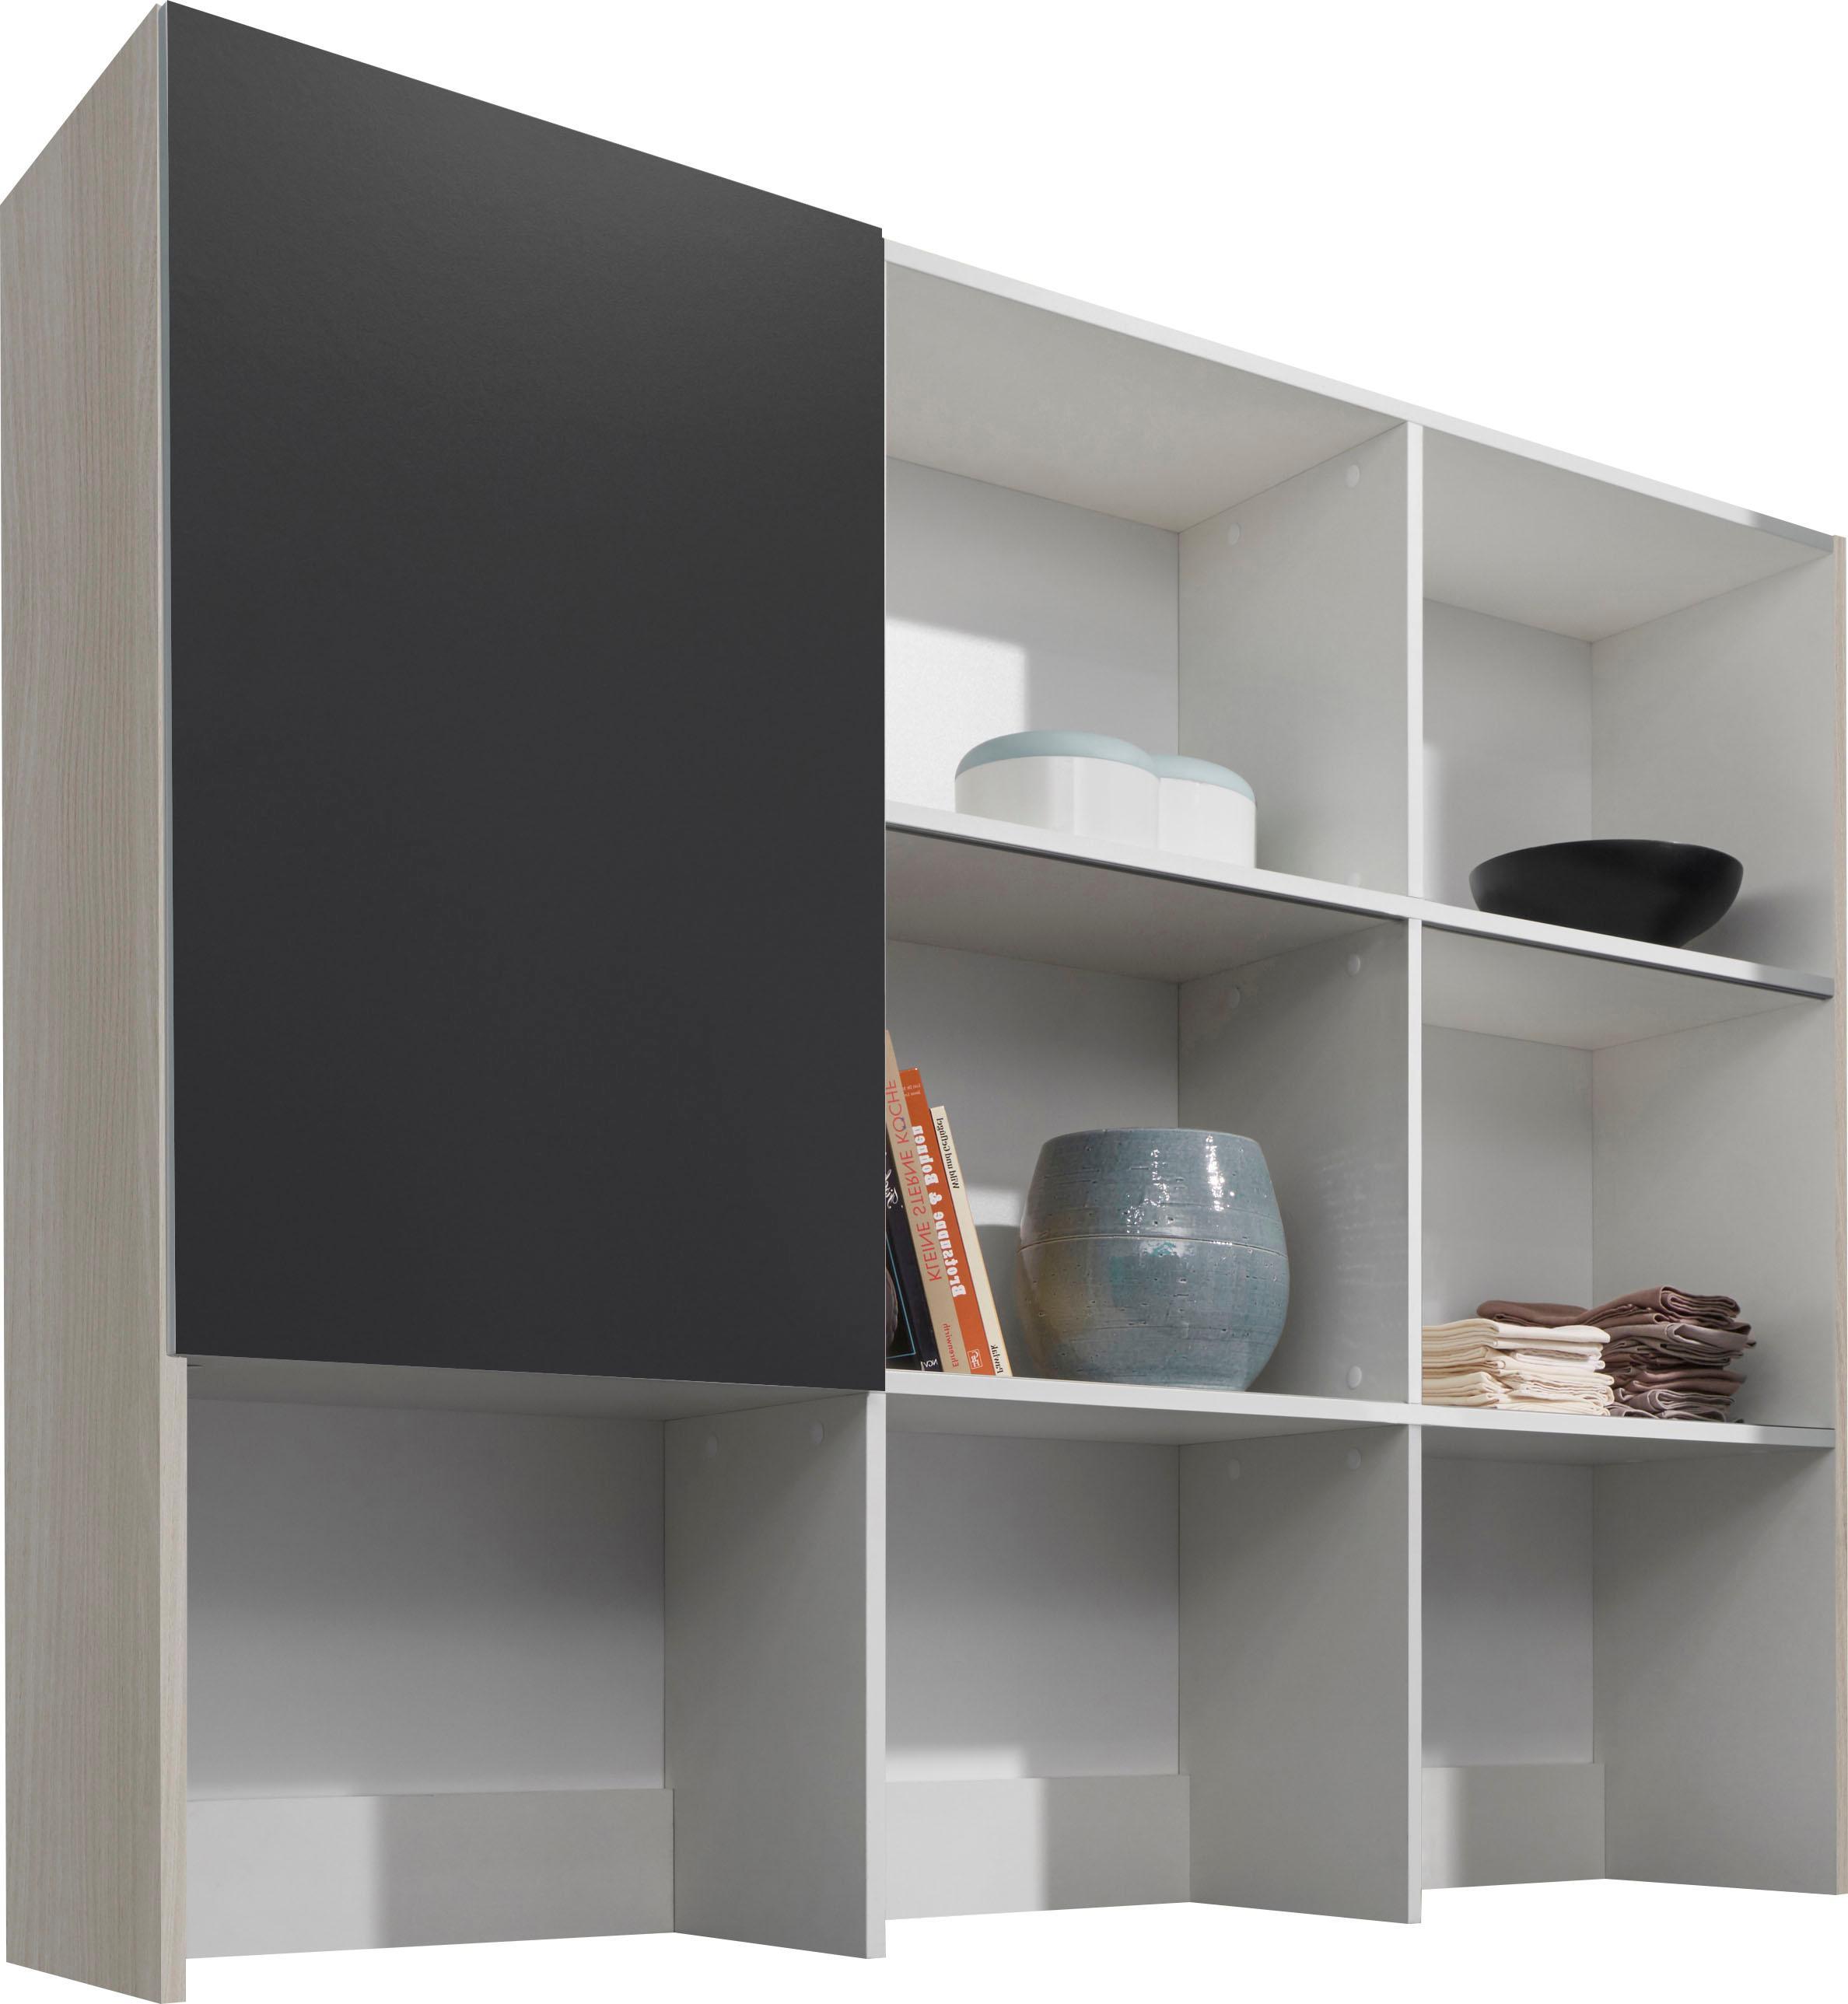 OPTIFIT Aufsatzregal Faro grau Zubehör für Kleiderschränke Möbel Möbelaufsätze